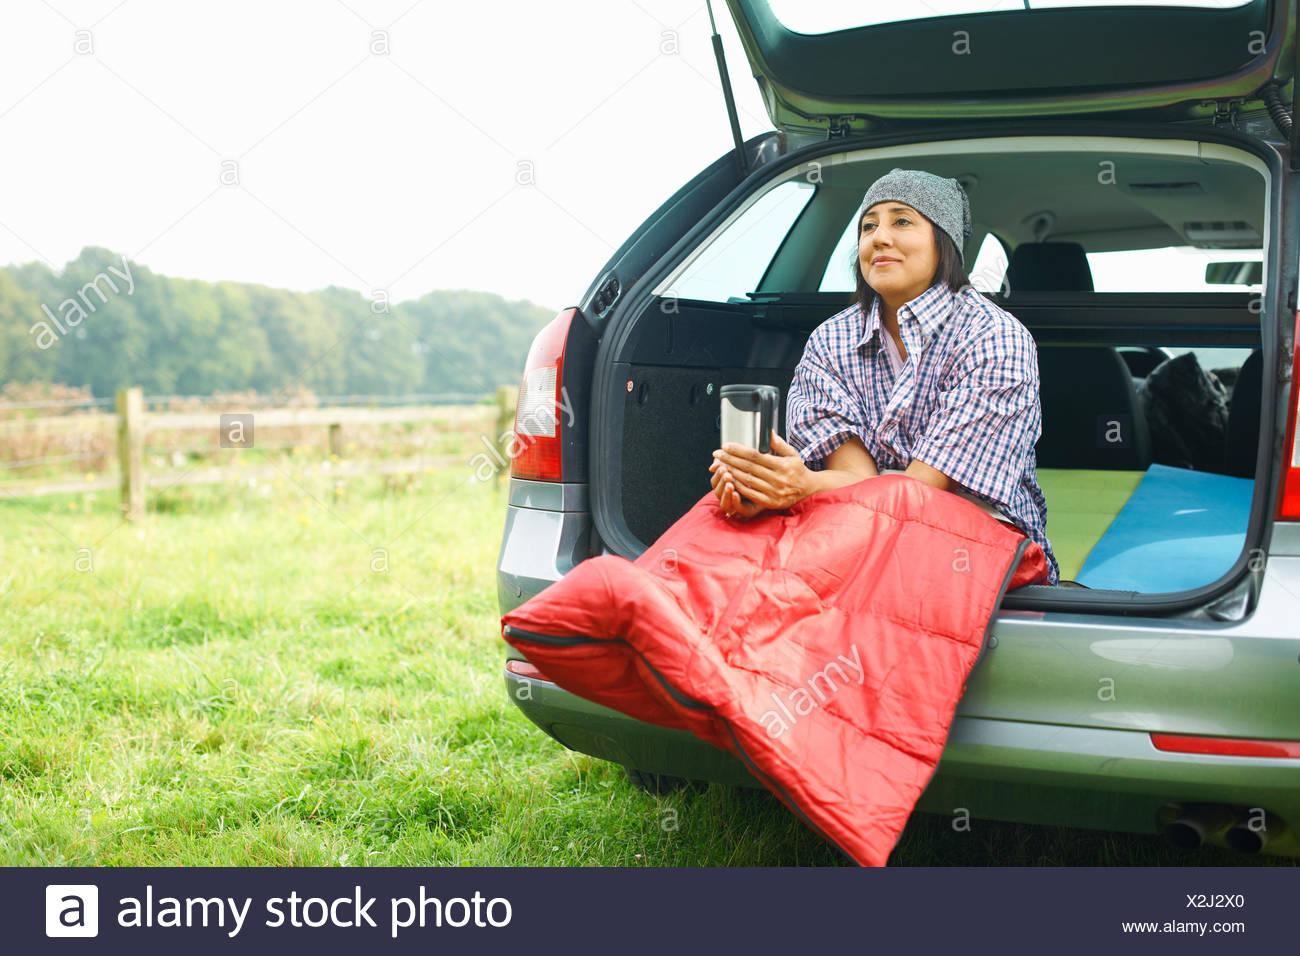 Donna seduta in corrispondenza della parte posteriore della vettura con le gambe nascoste nel sacco a pelo Immagini Stock